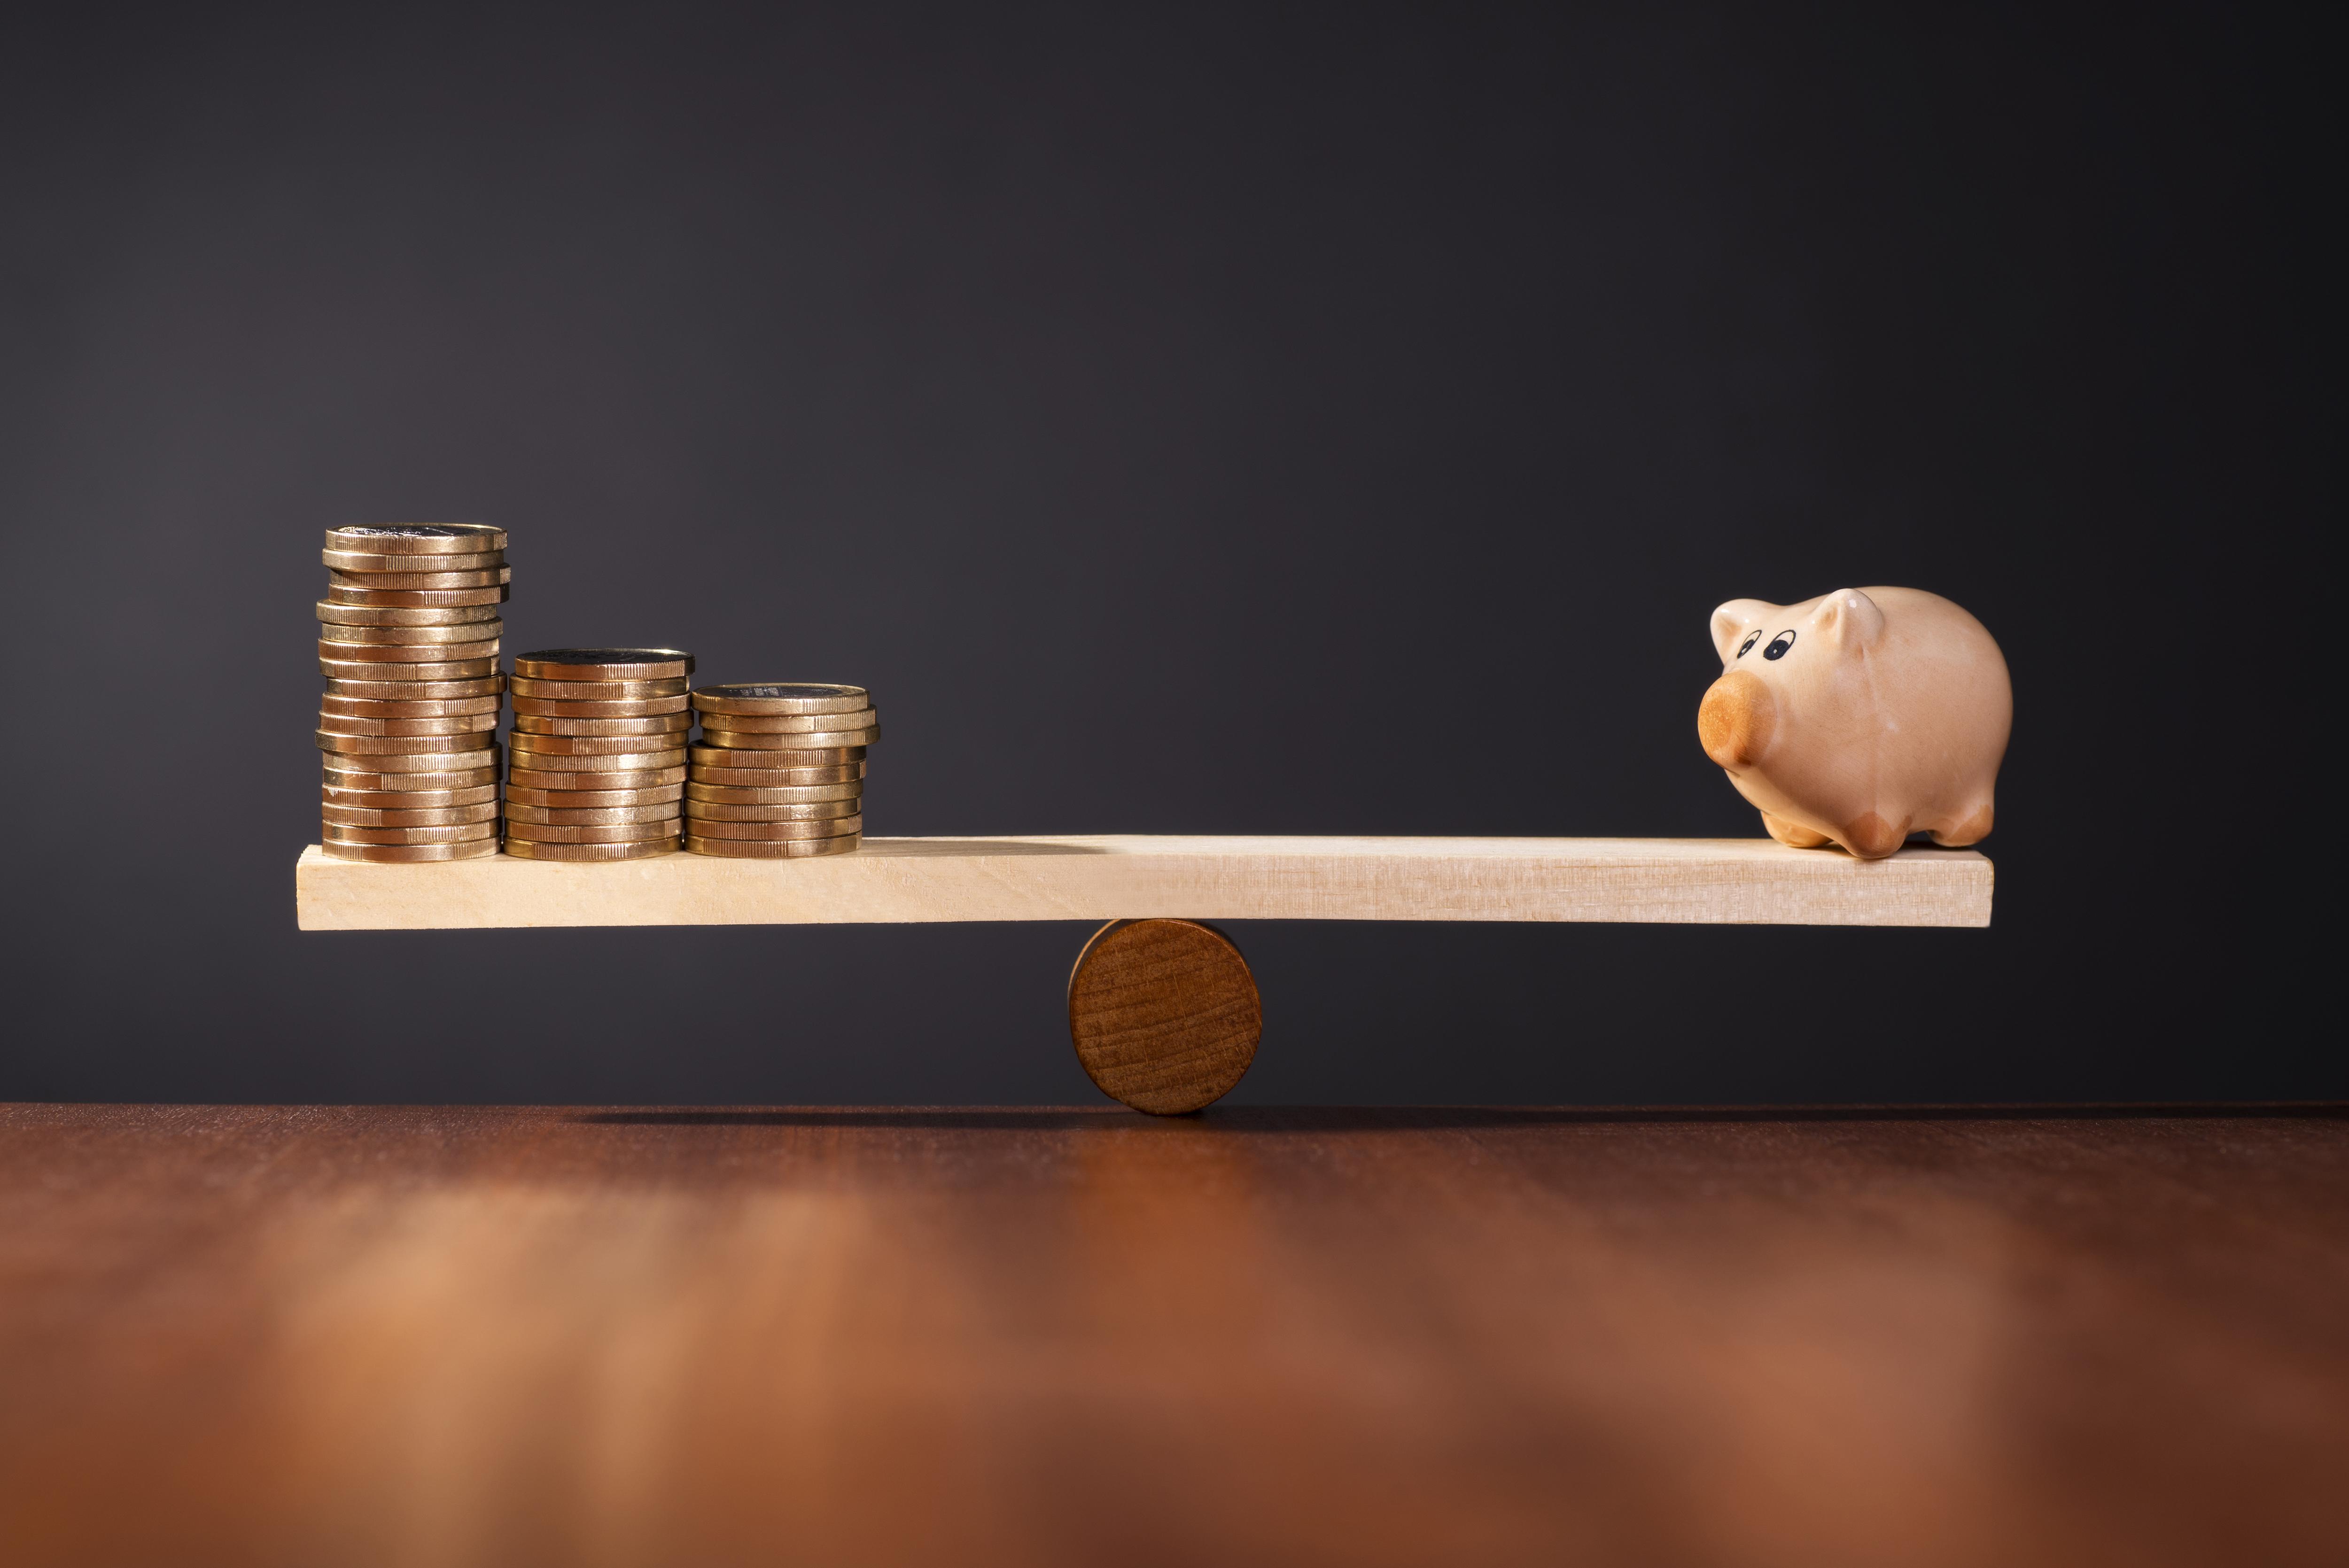 Sparschwein und Münzenstapel auf ausbalancierter Wippe als Symbol für eine sichere Geldanlage